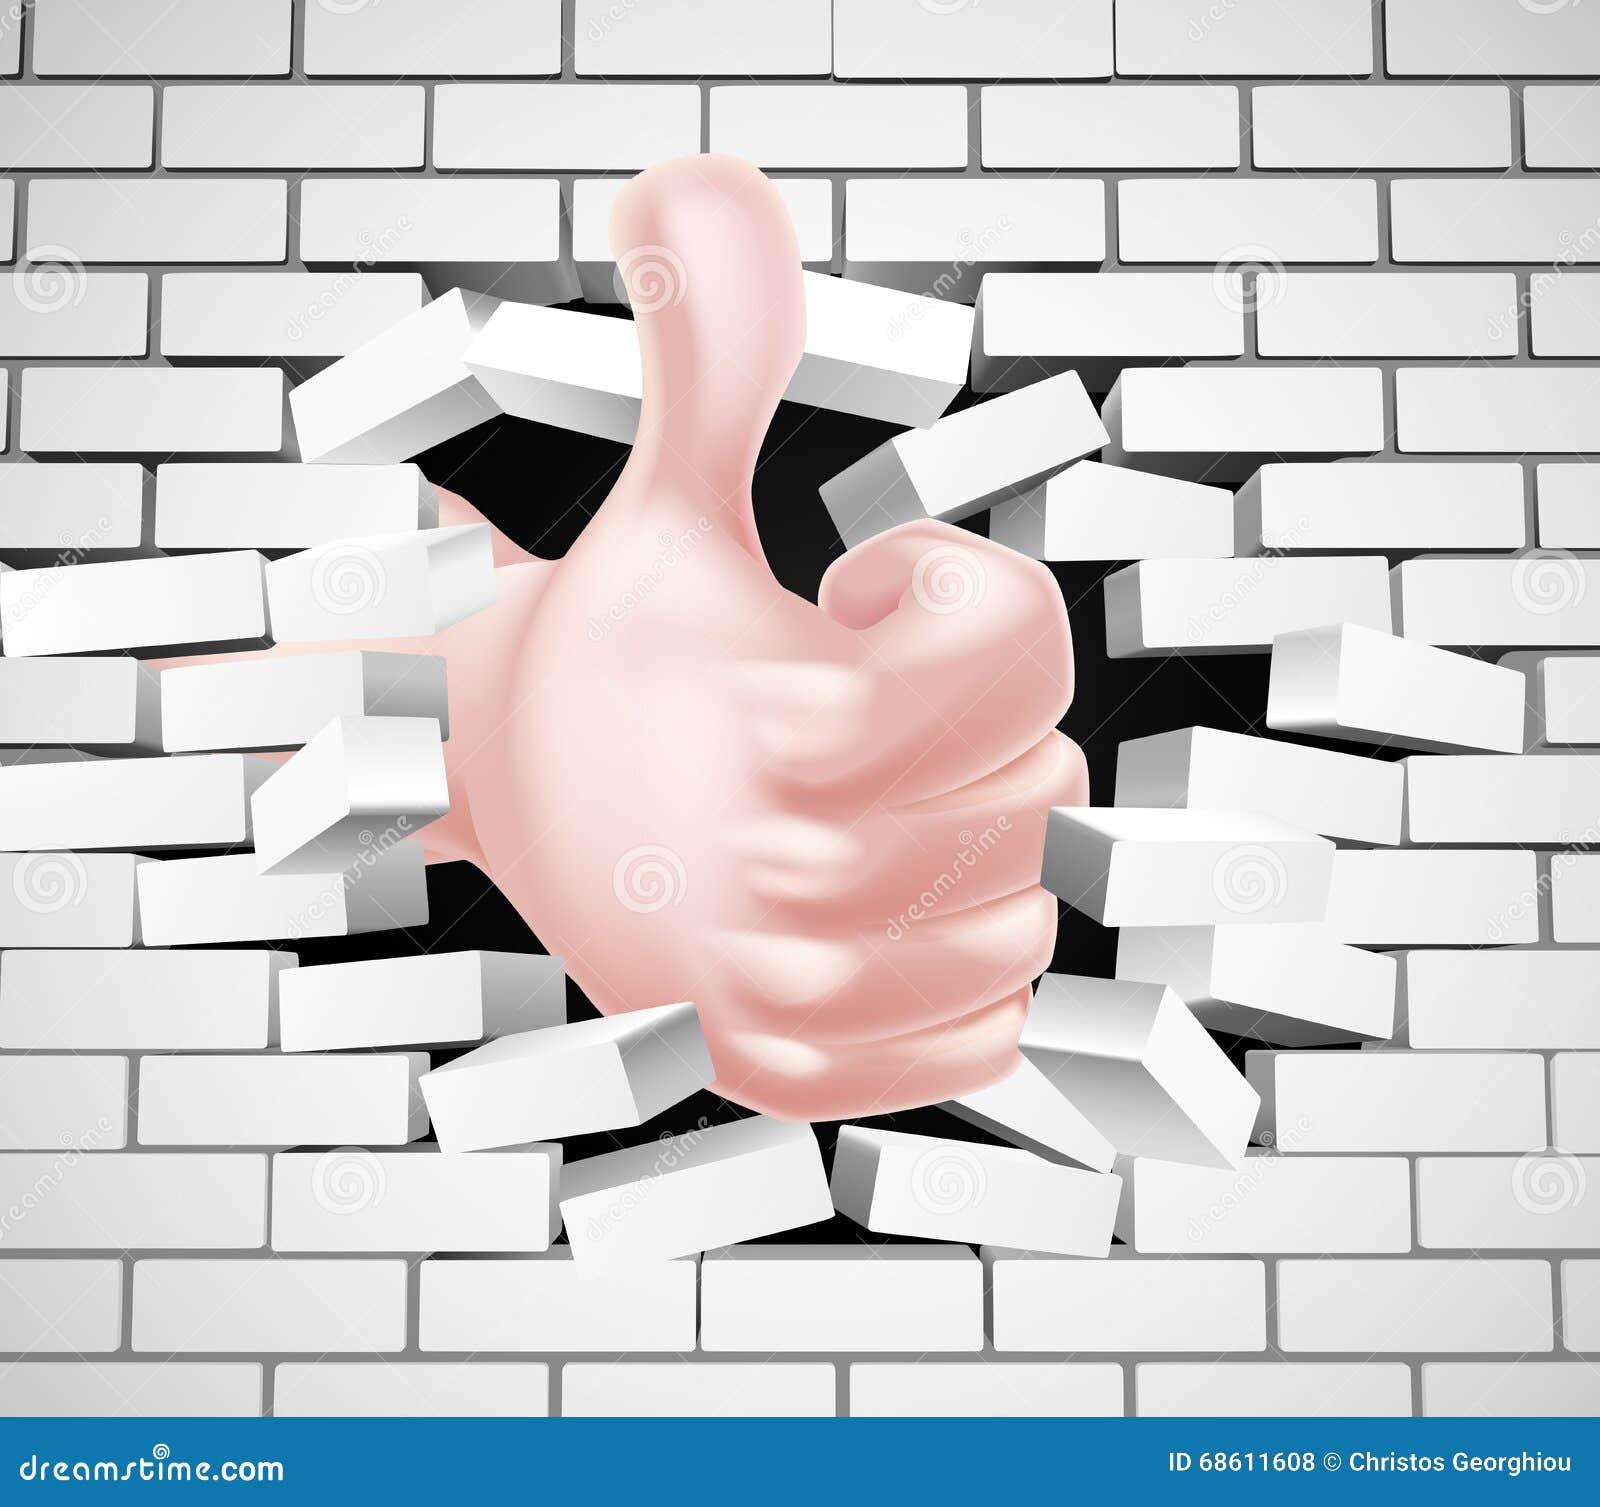 Los pulgares suben la mano que rompe la pared